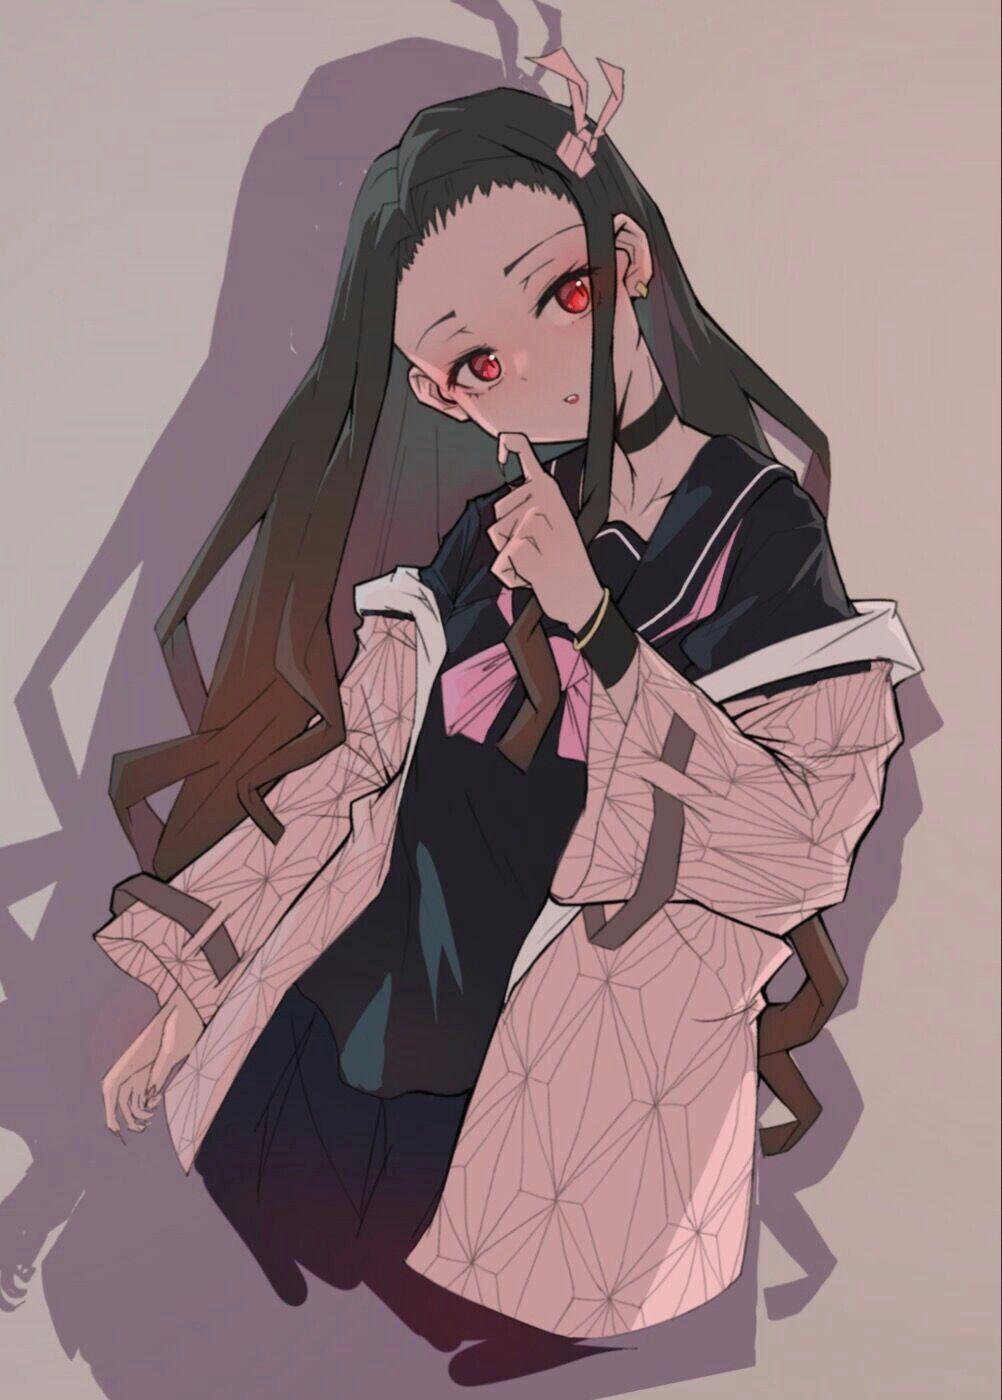 nezuko kamado 悪魔の絵アイデア, かわいいアニメガール, 可愛い キャラクター イラスト